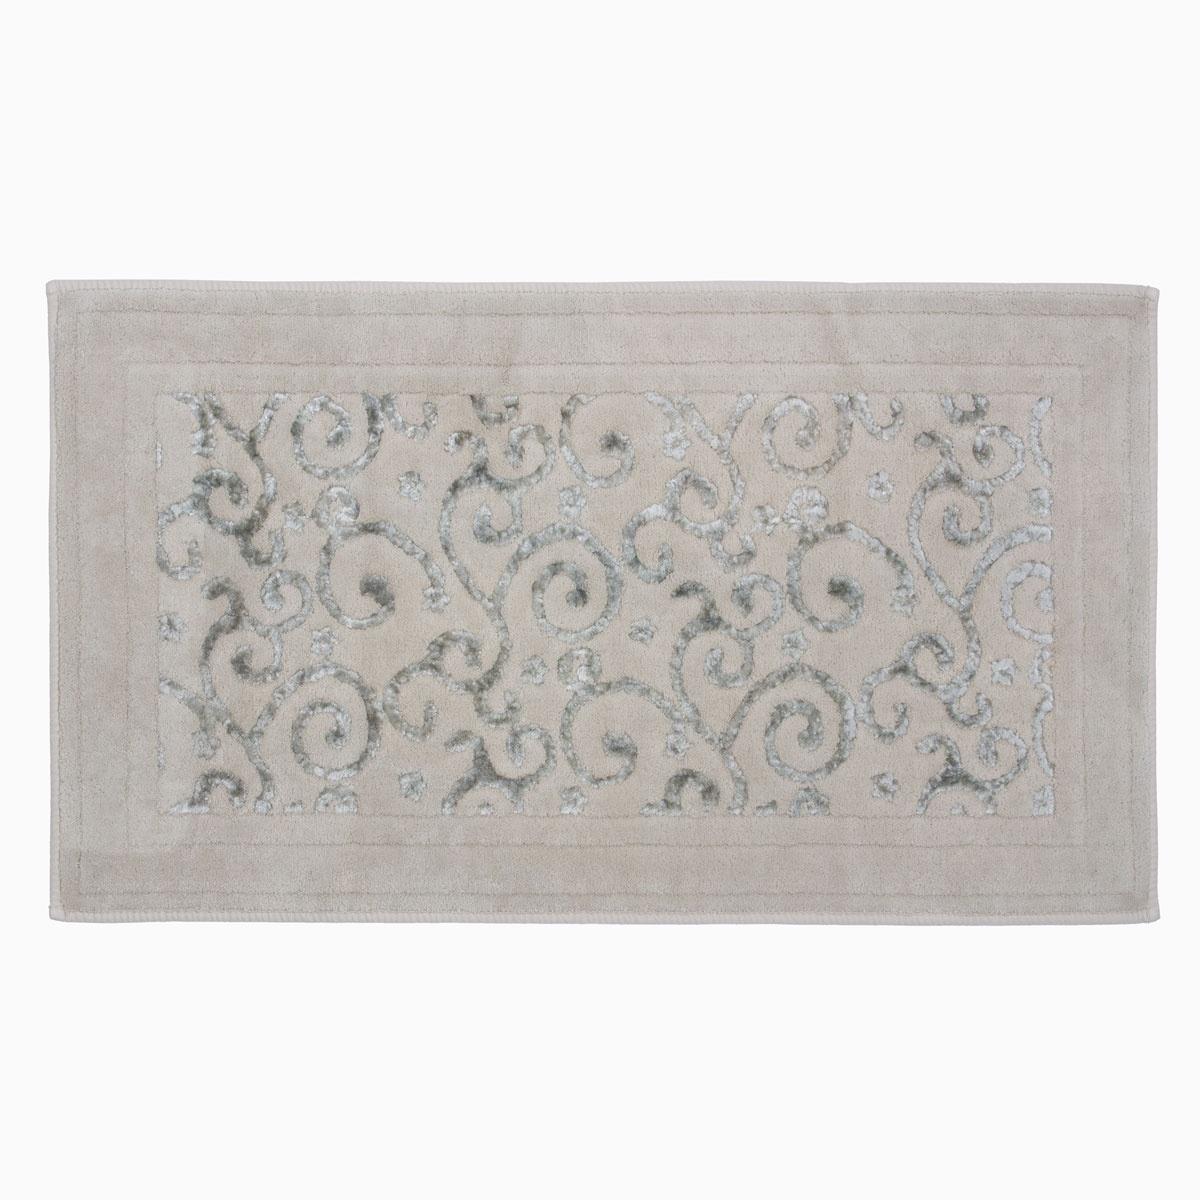 Коврик для ванной Arya home collection Lena, бежевый коврик arya 60х100 2 пр assos бирюзовый 1126860